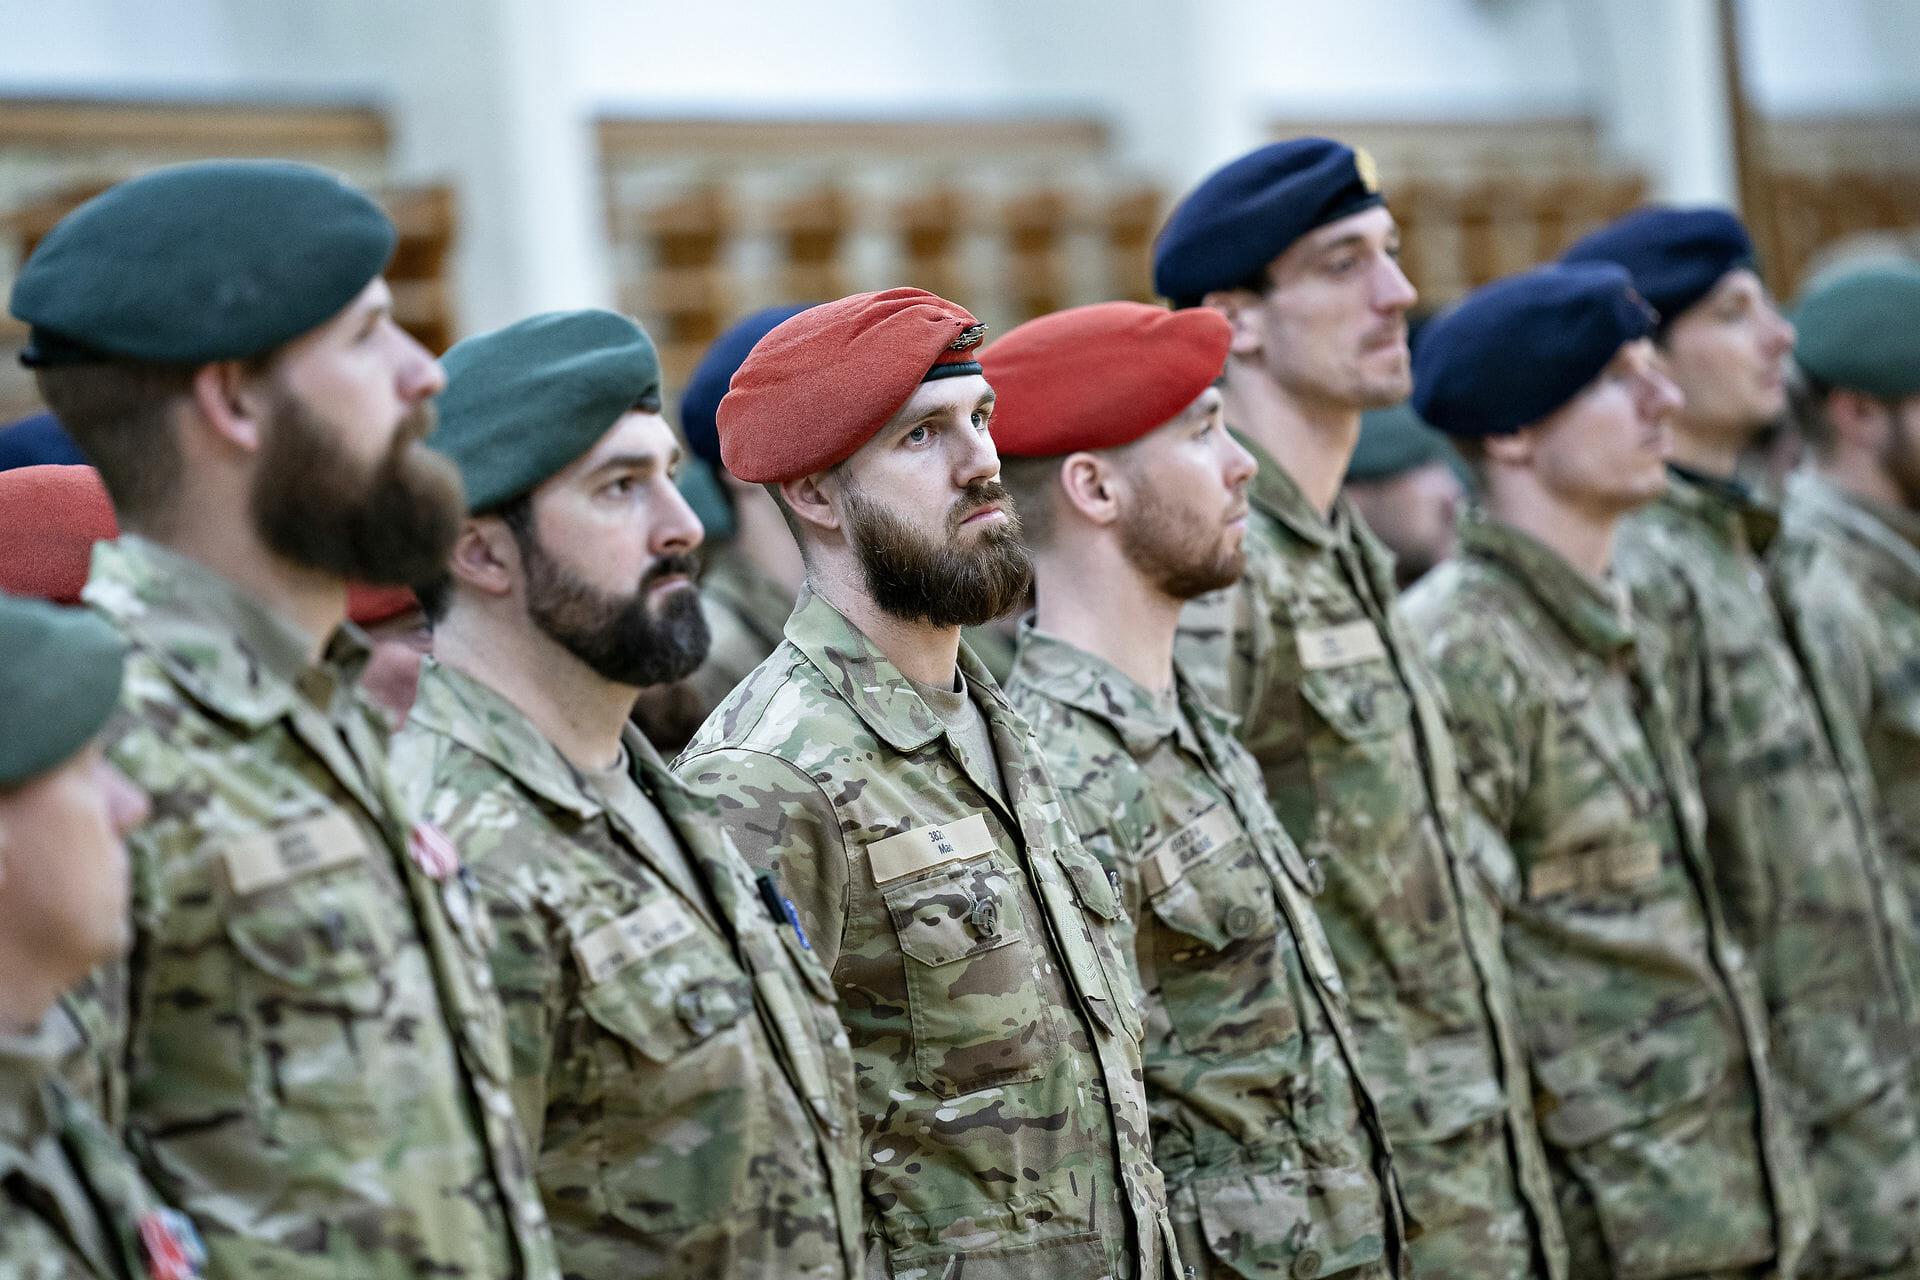 FAKTA: Dansk bidrag til træningsmission i Irak